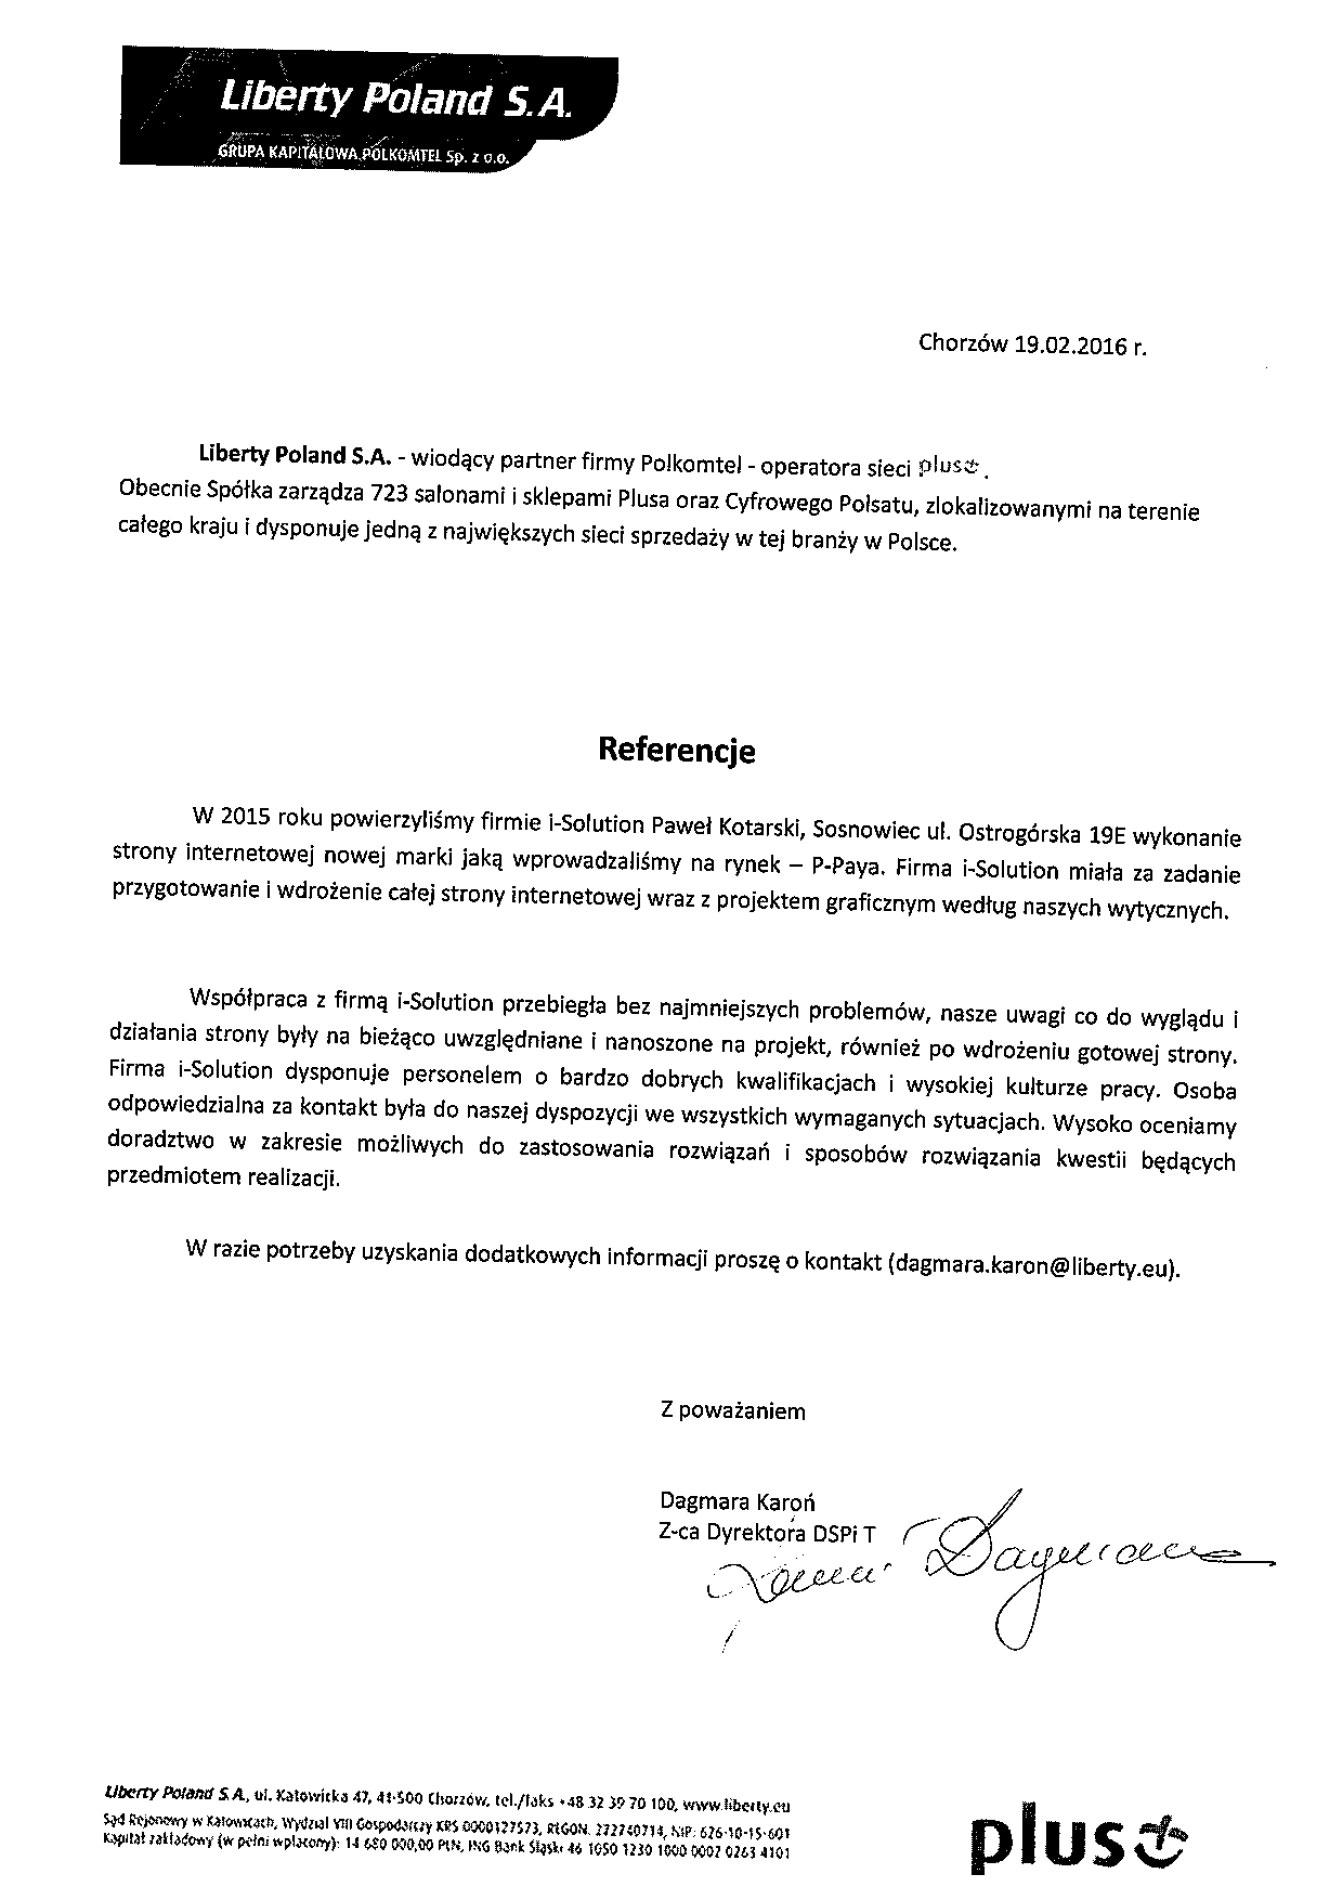 Referencje od firmy Liberty Poland S.A.